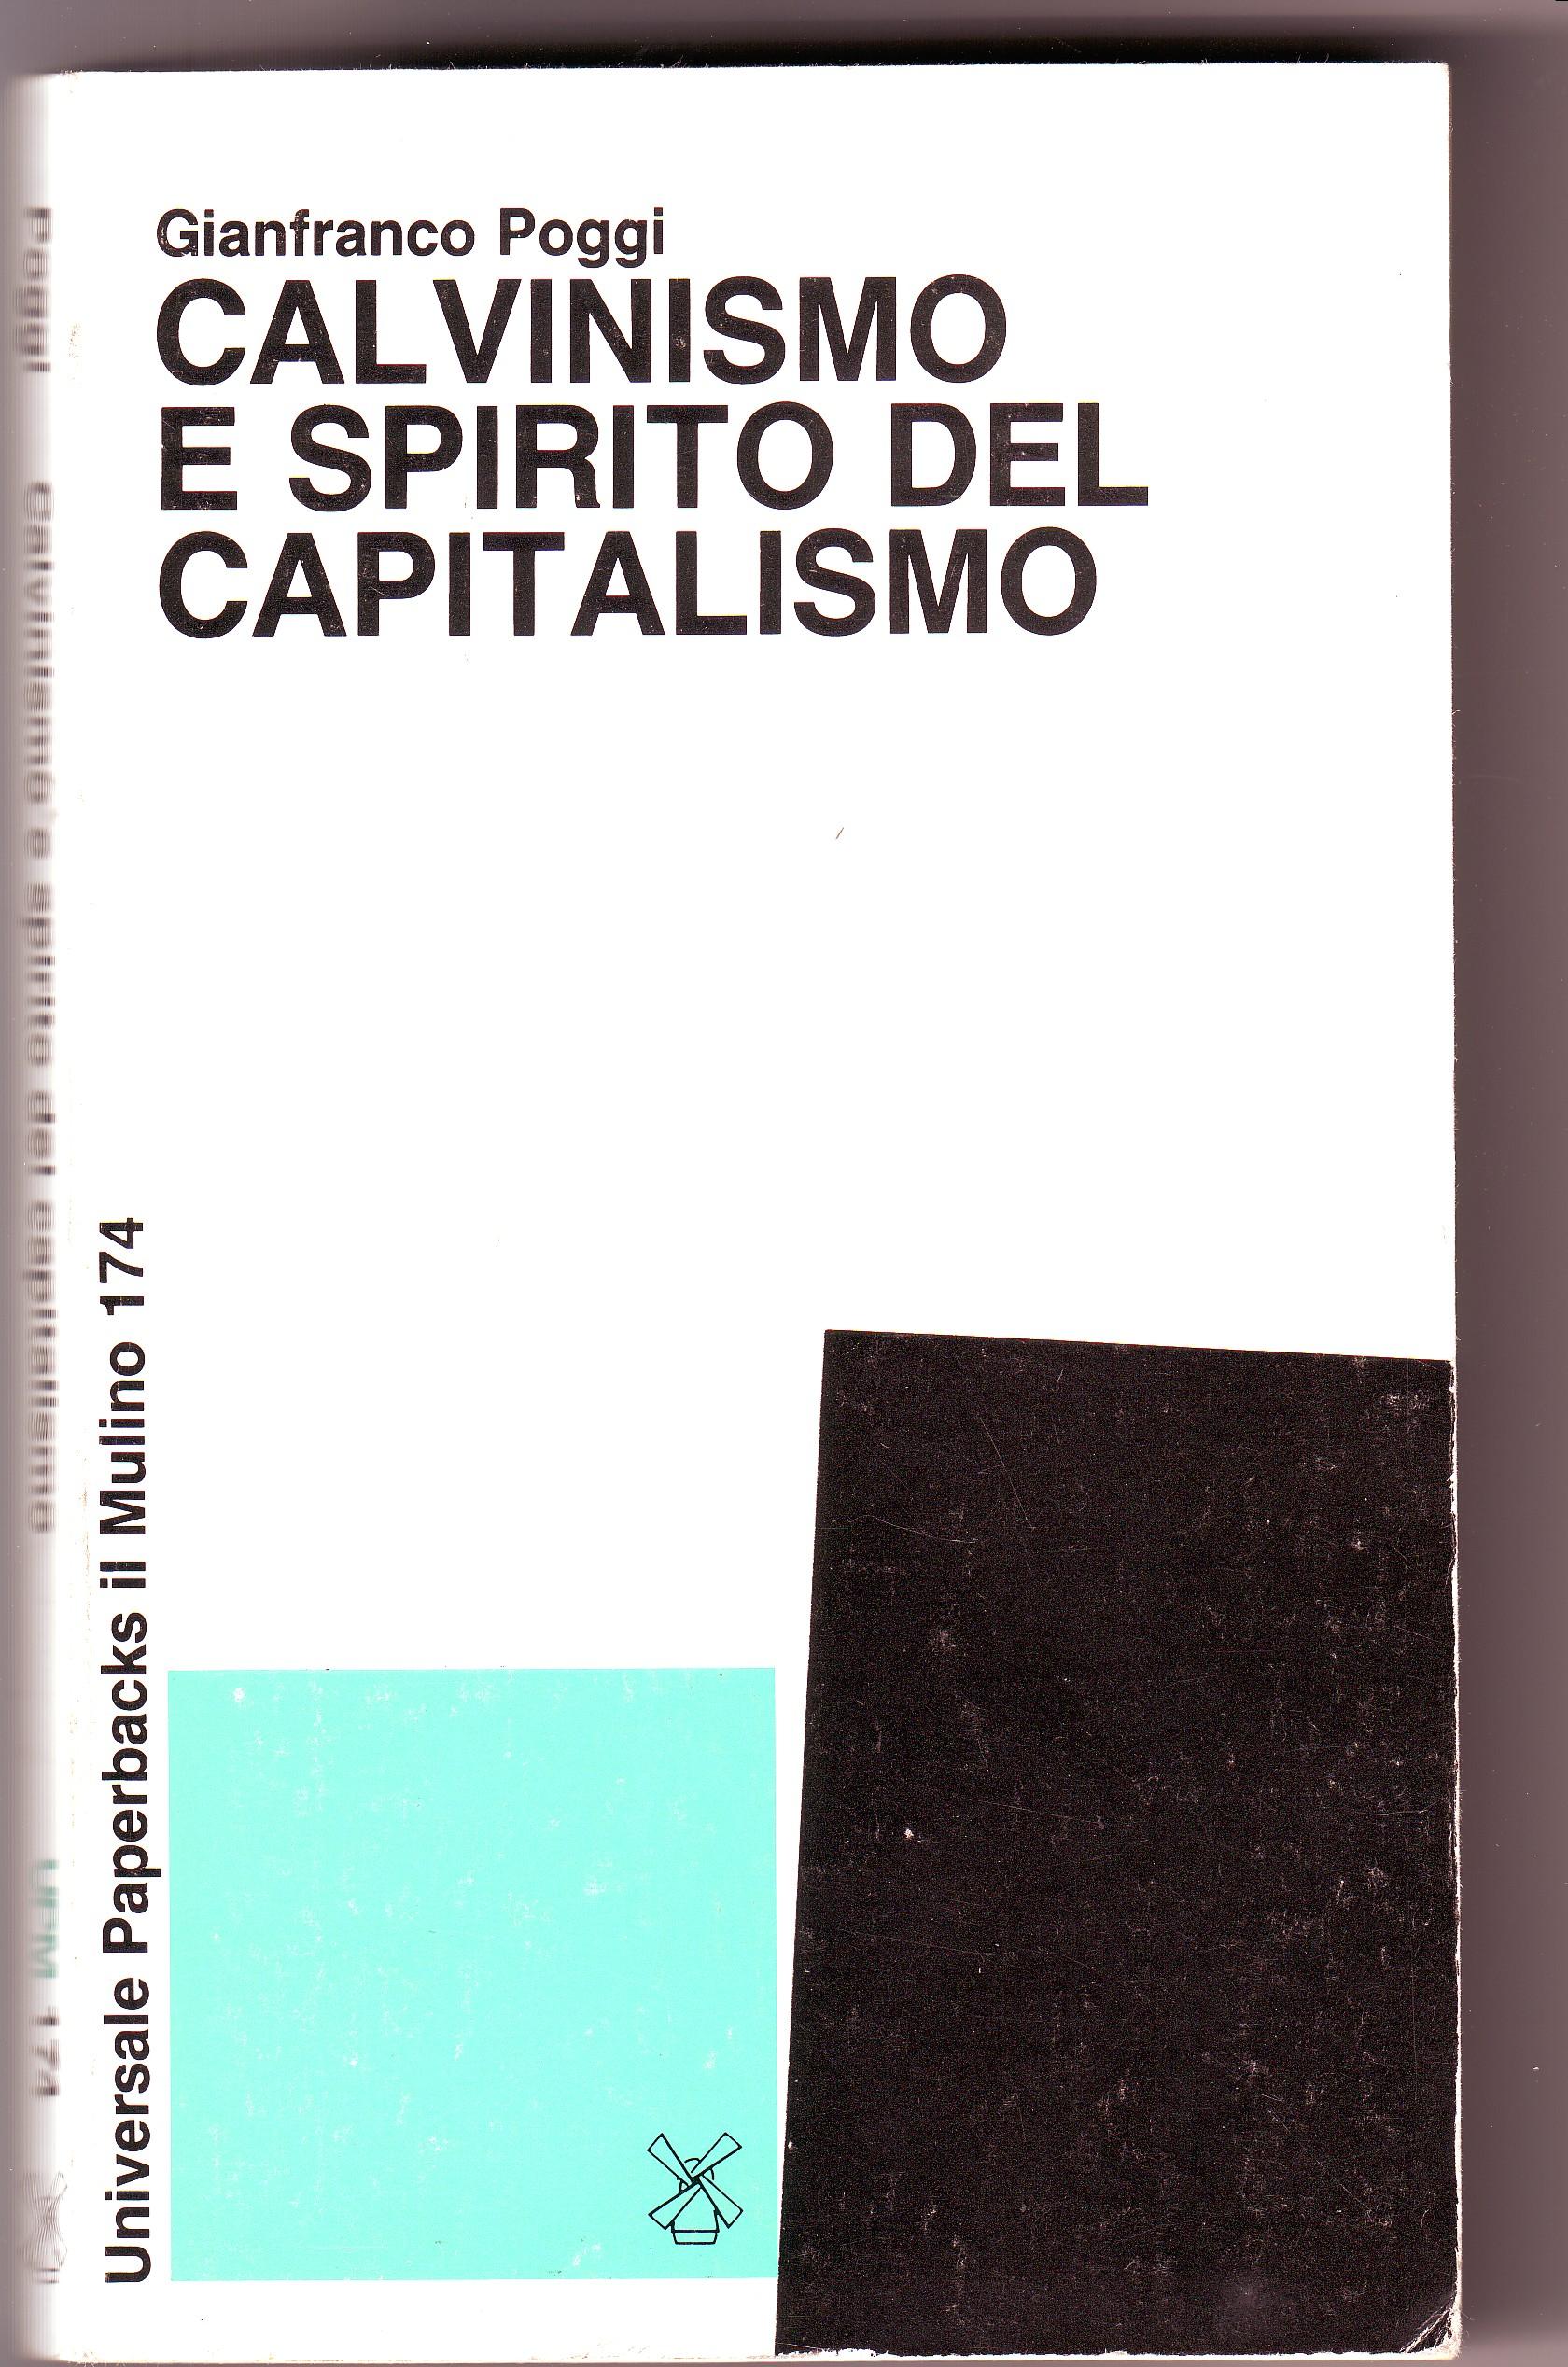 Calvinismo e spirito del capitalismo